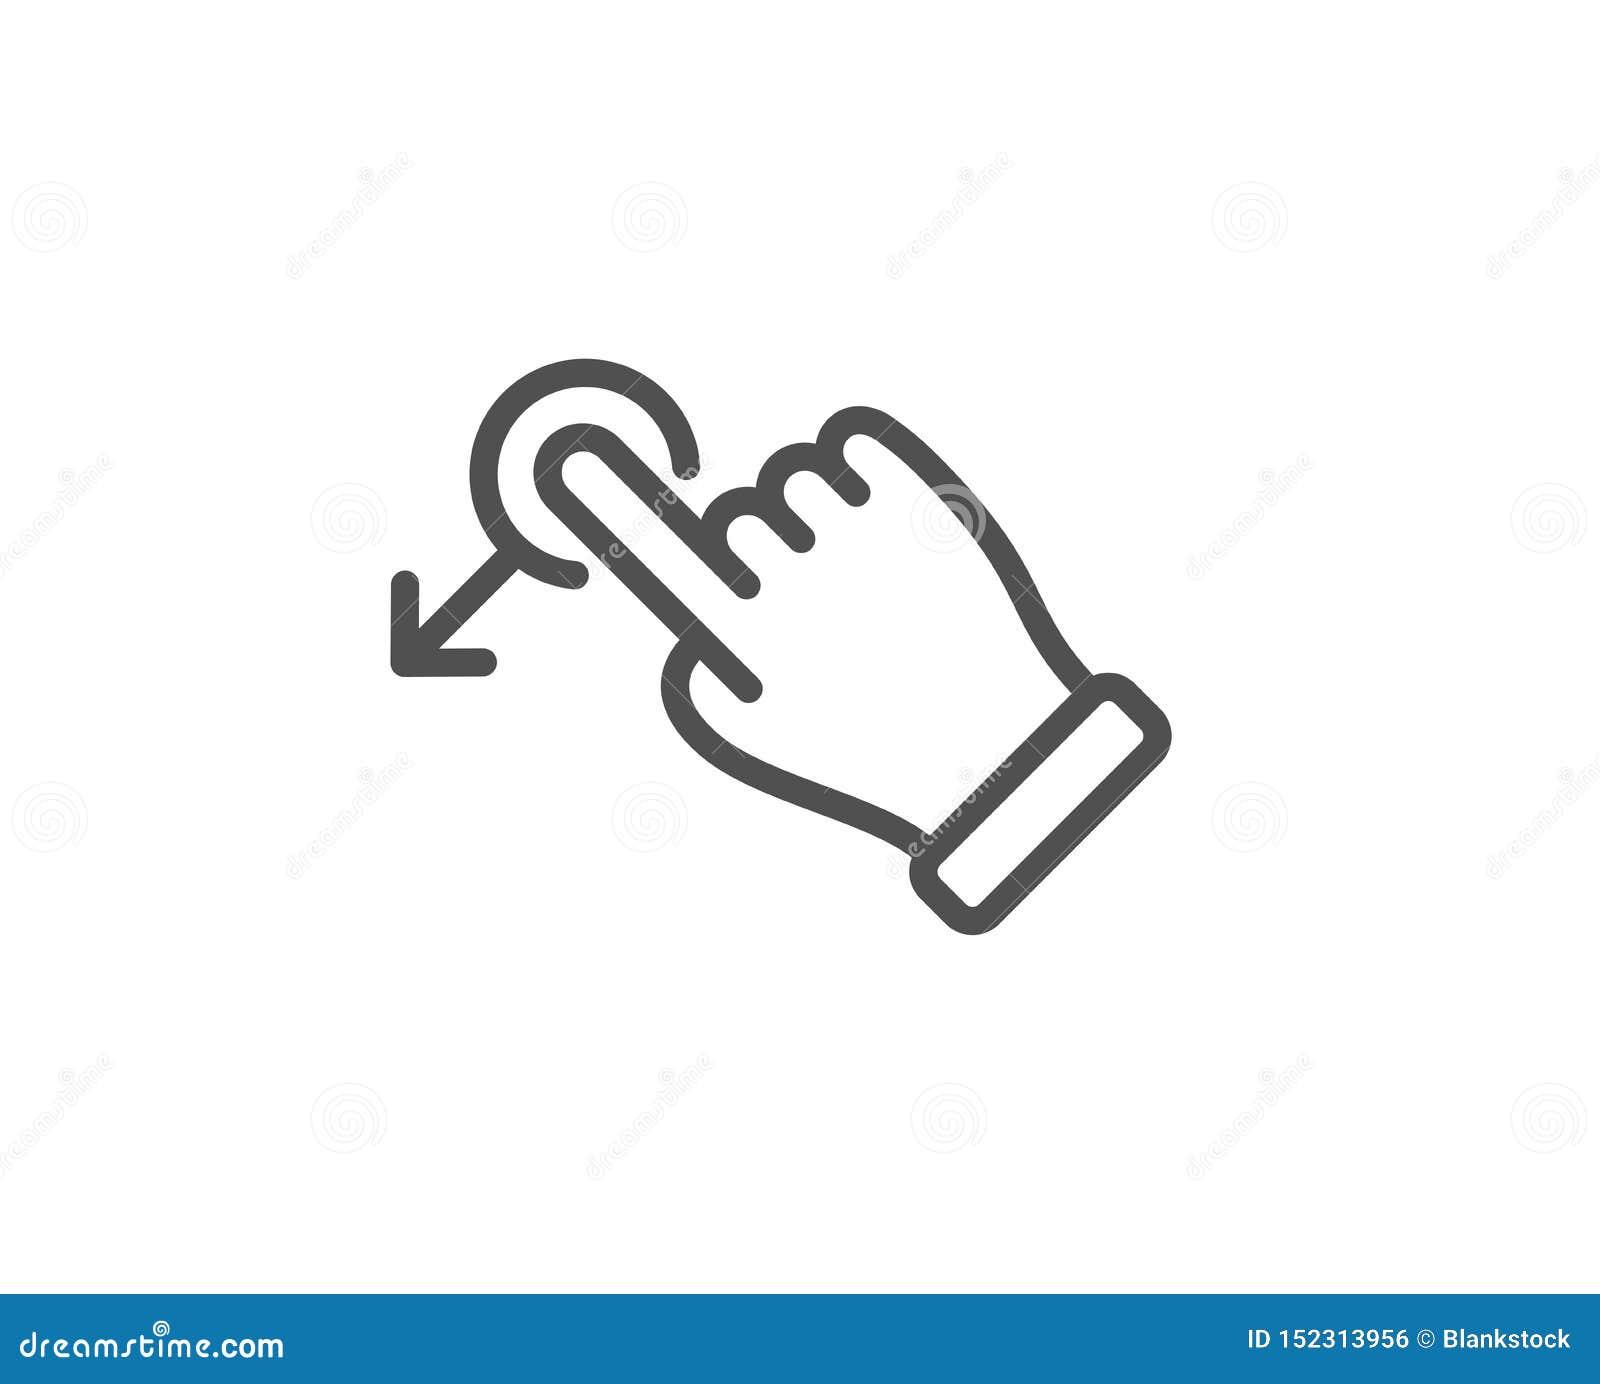 Linea icona di gesto di goccia di resistenza Segno della freccia dello scorrevole Azione del colpo Vettore